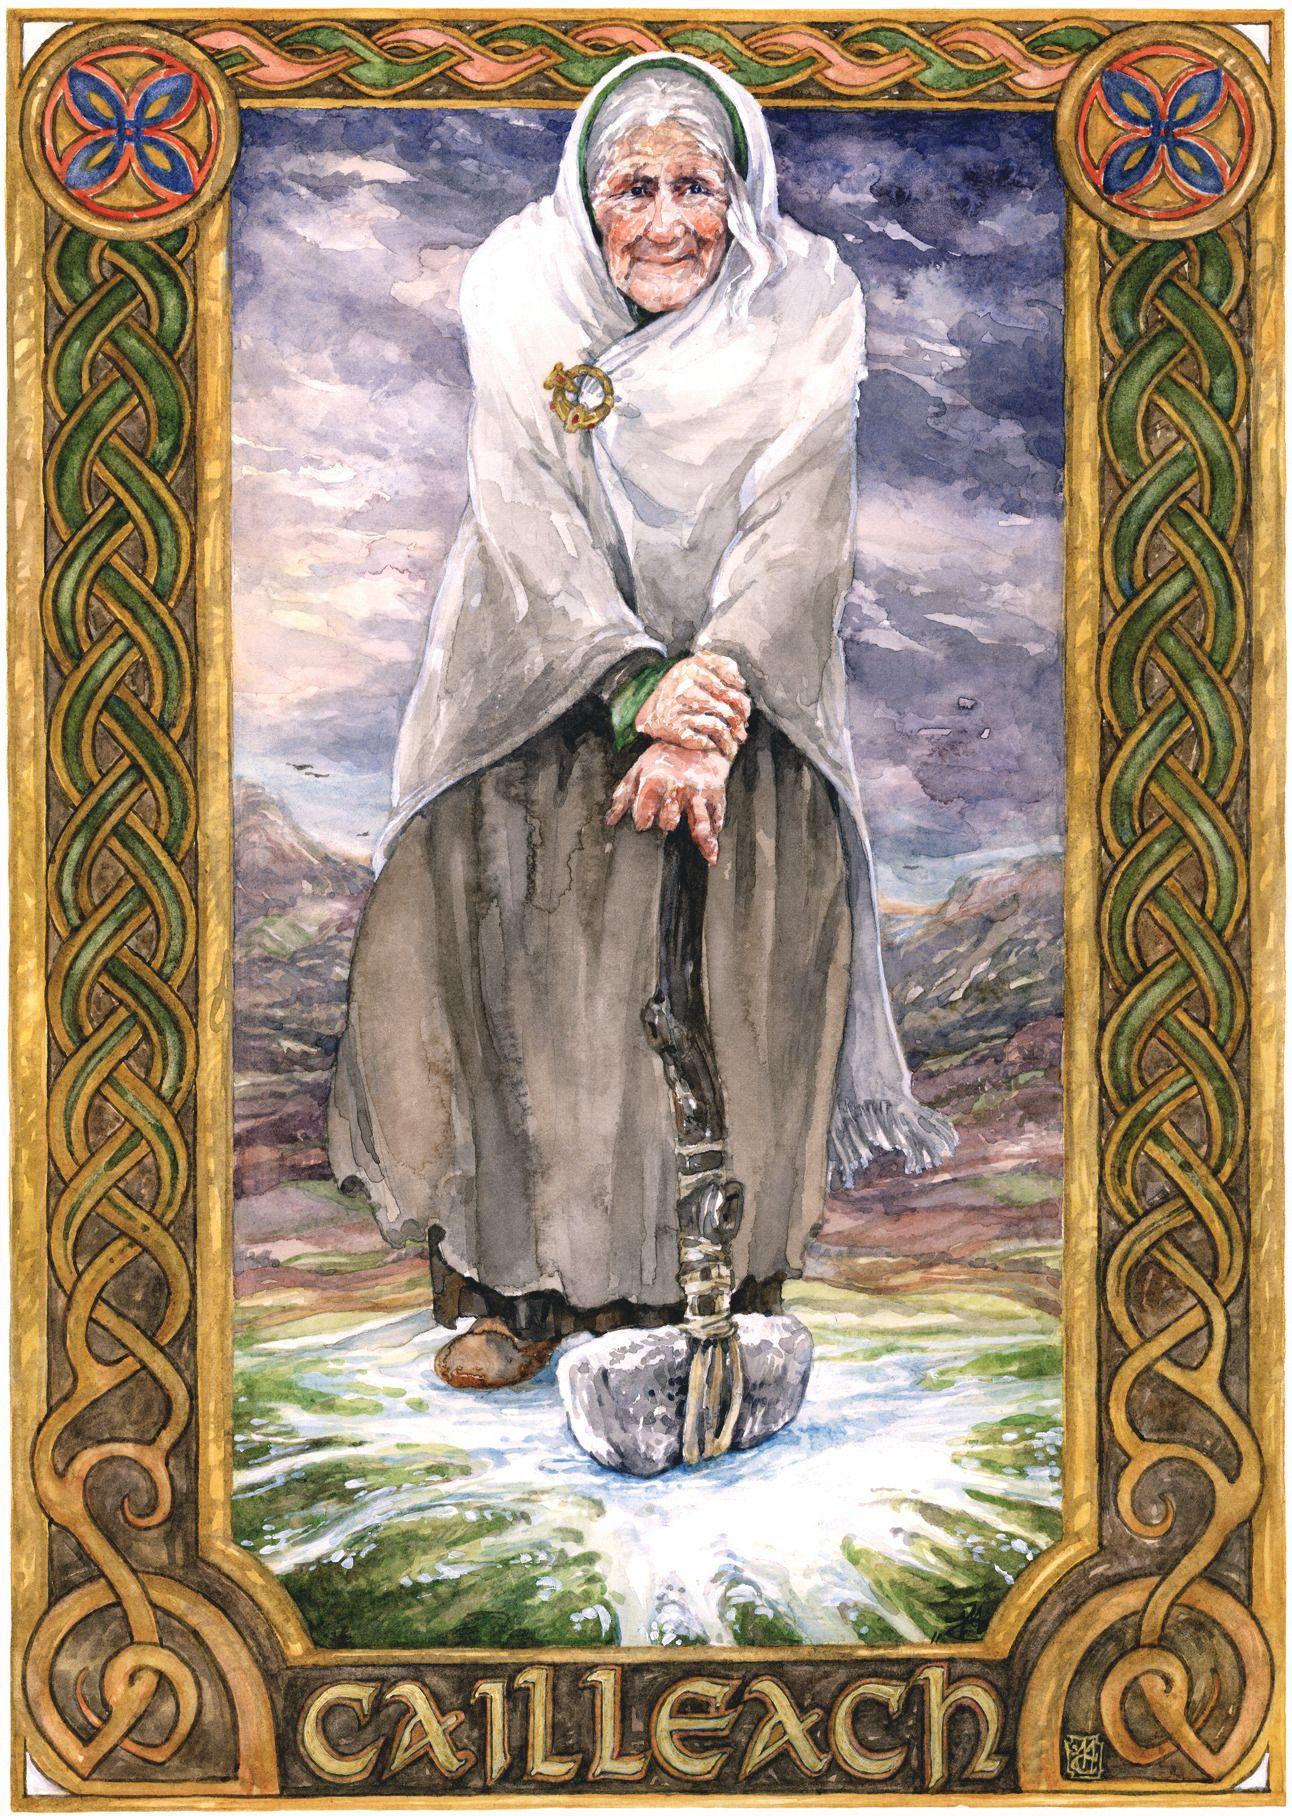 Cailleach AKA the Stormcrow Celtic gods, Celtic myth